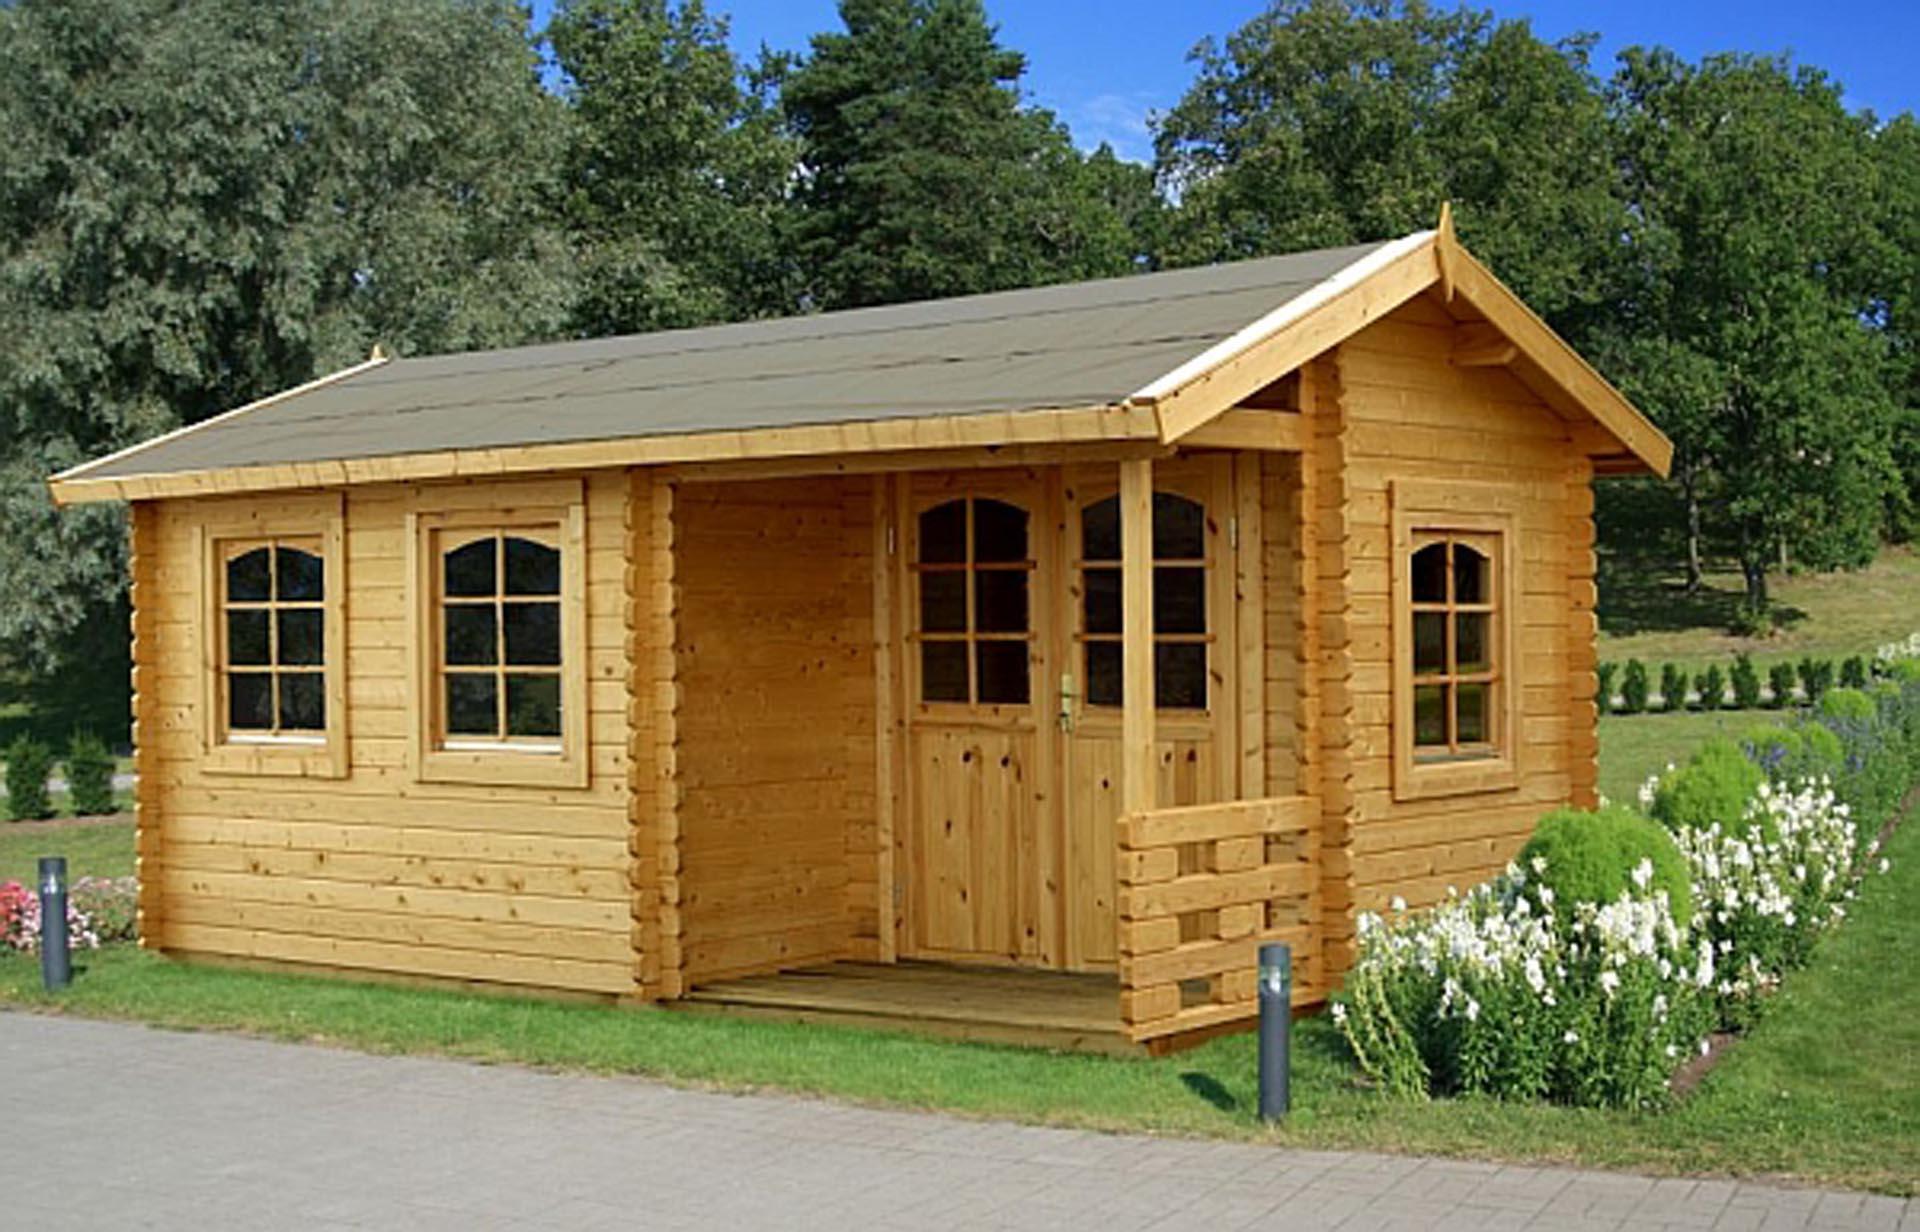 s lund susanne 12 4m2 et elegant hus til kolonihave du kan samle selv. Black Bedroom Furniture Sets. Home Design Ideas